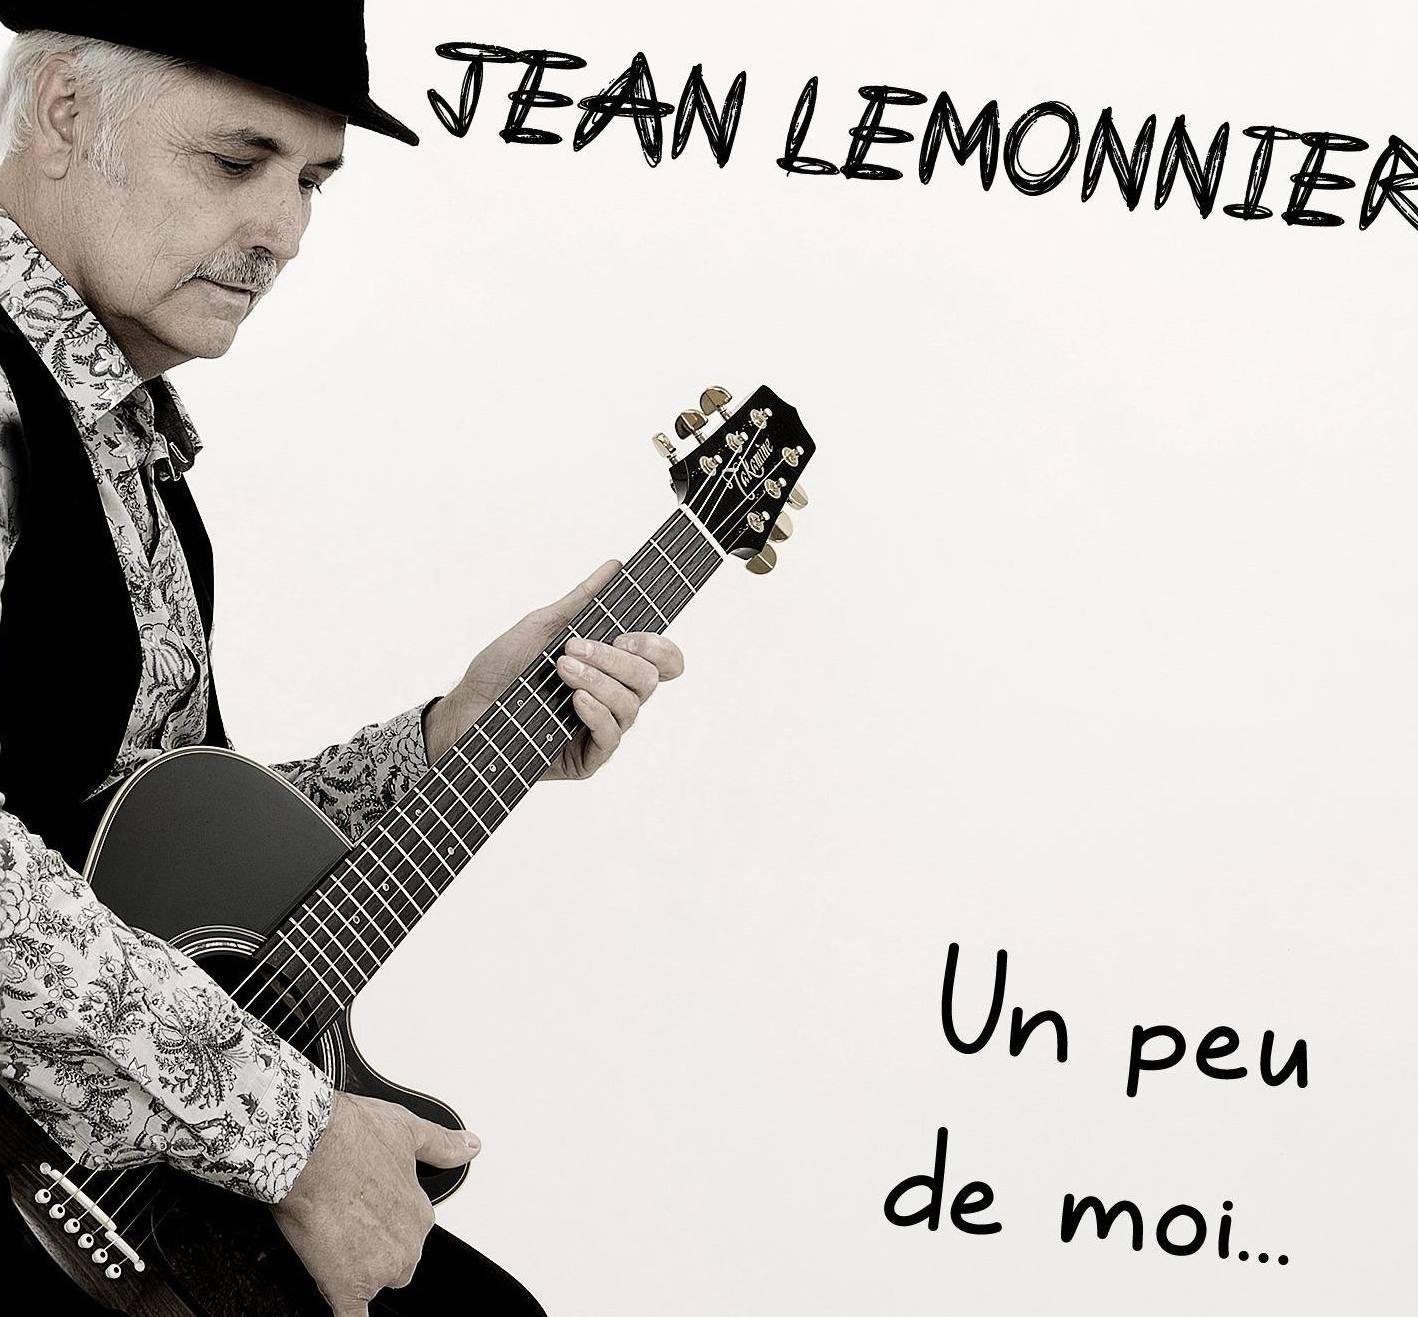 Jean Lemonnier - Un Peu de Moi